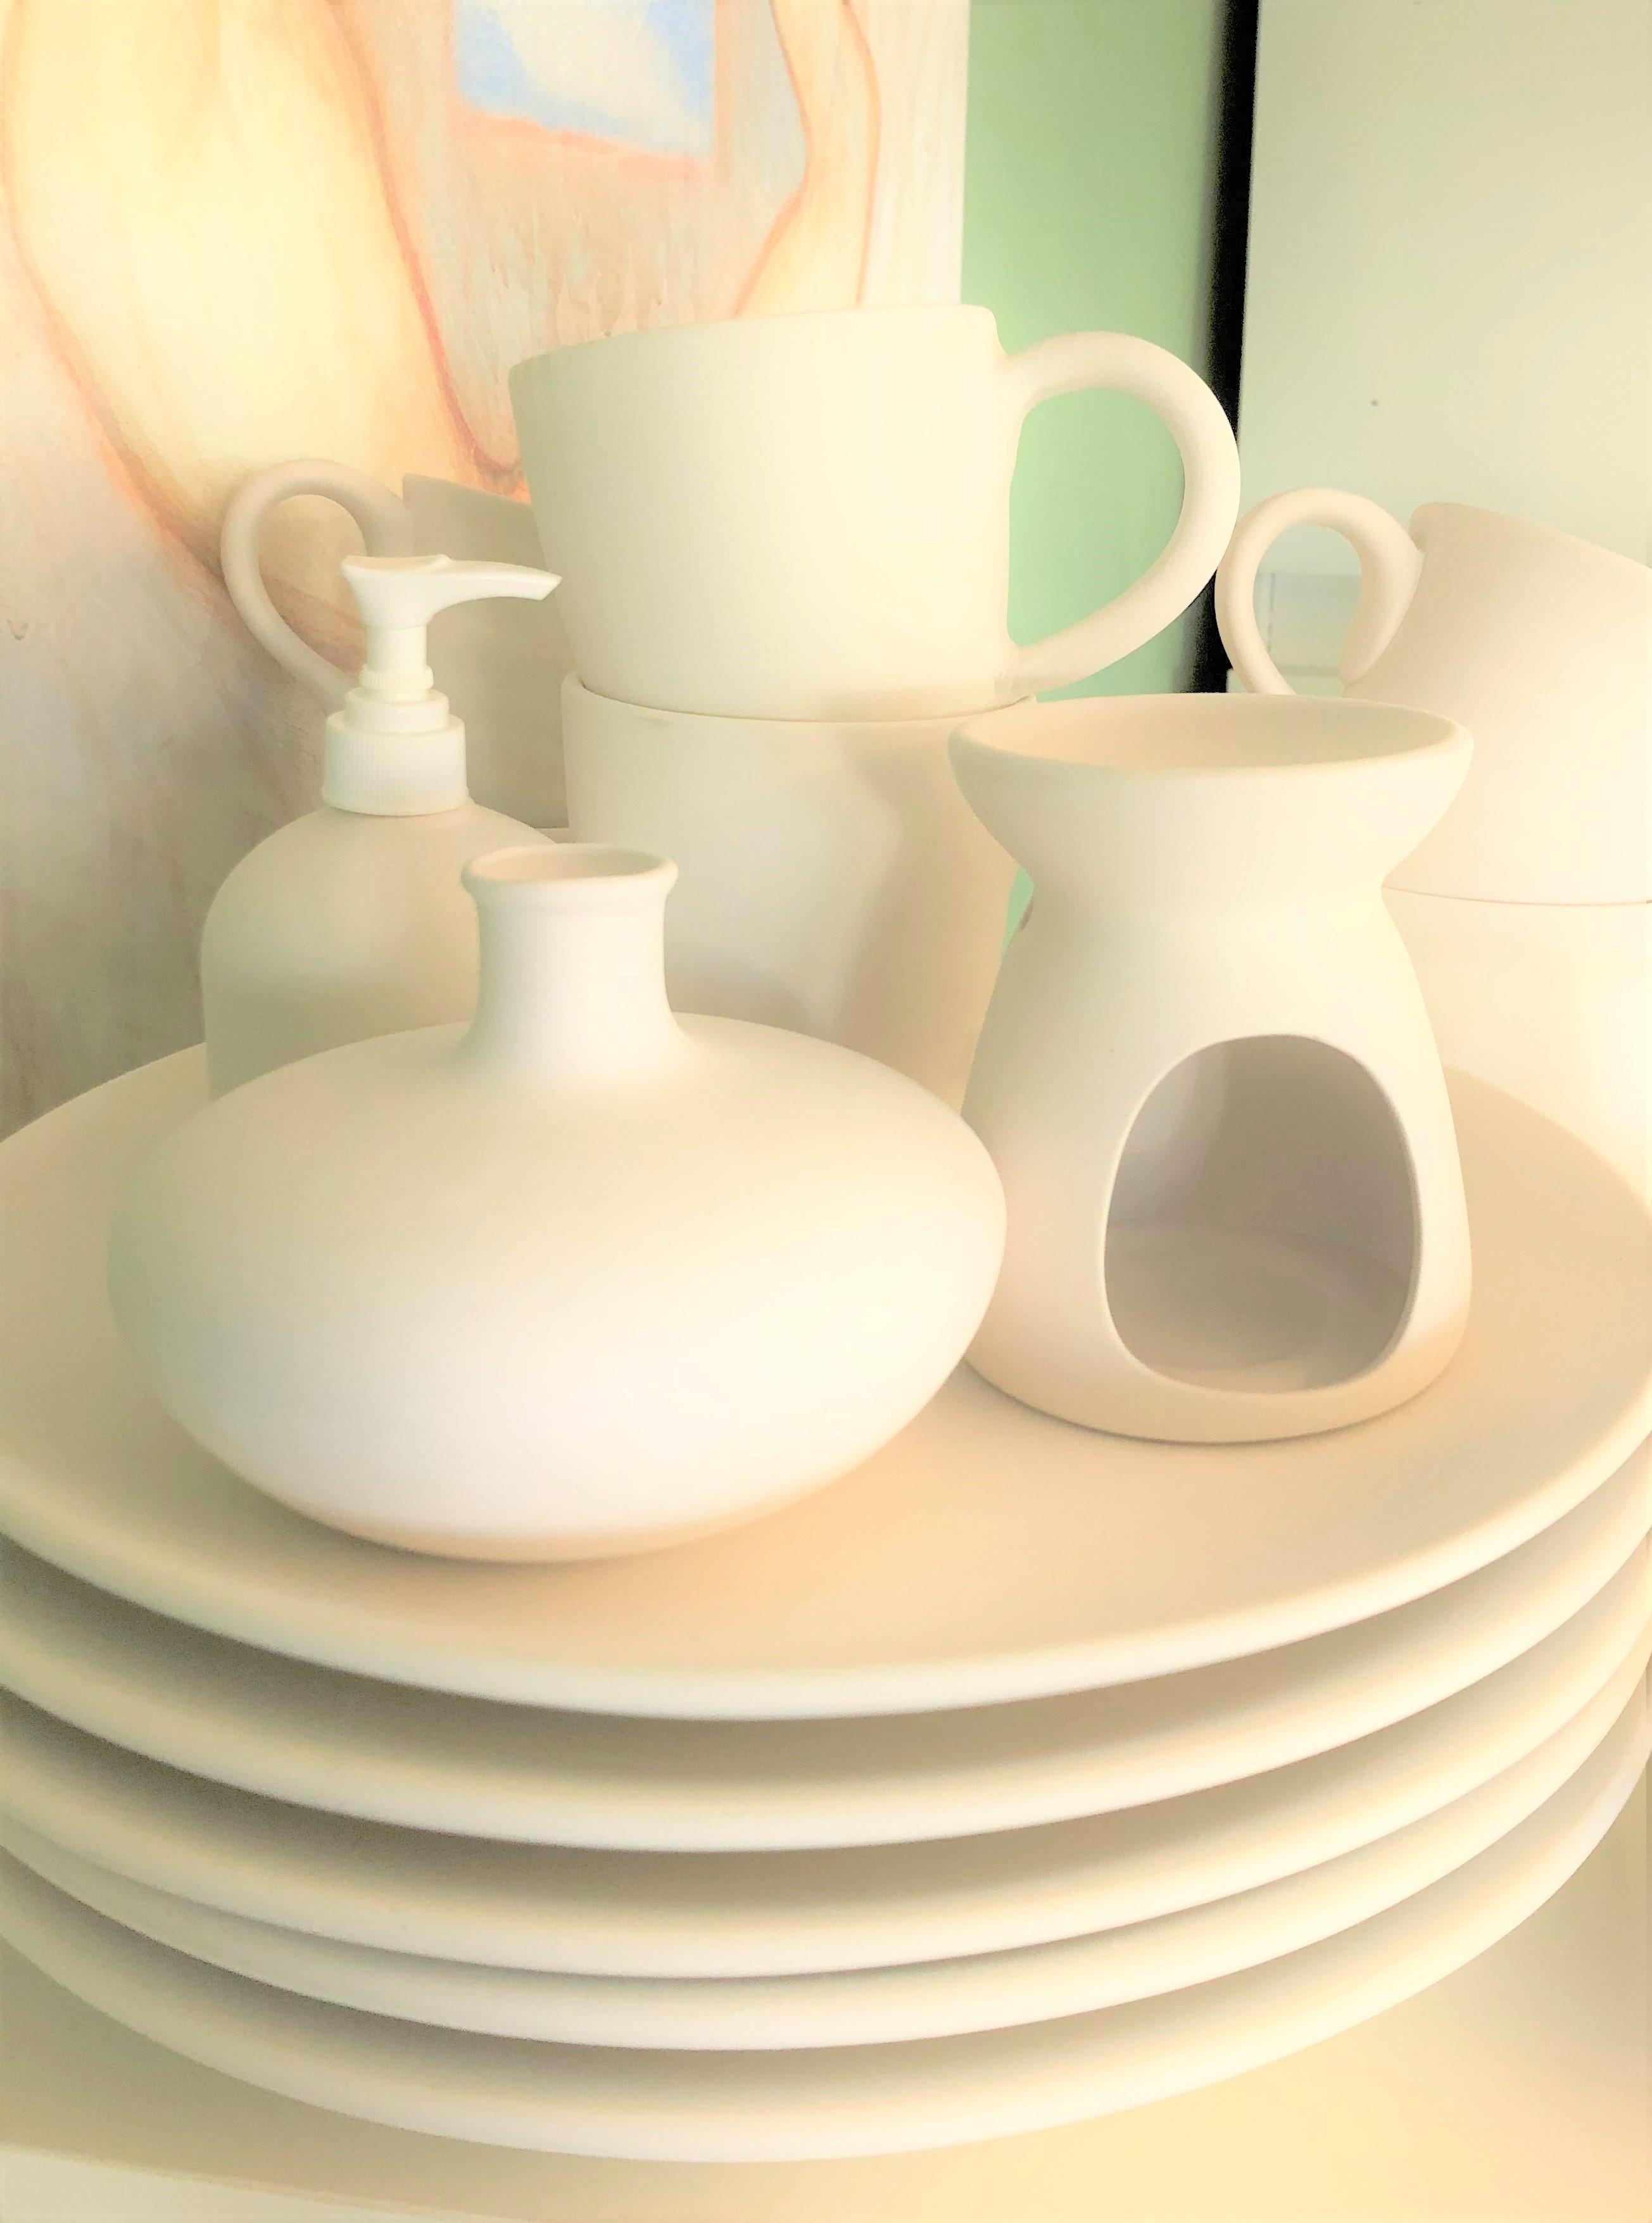 keramiek-aardewerk-glazuren-www.puurglazuur.nl-